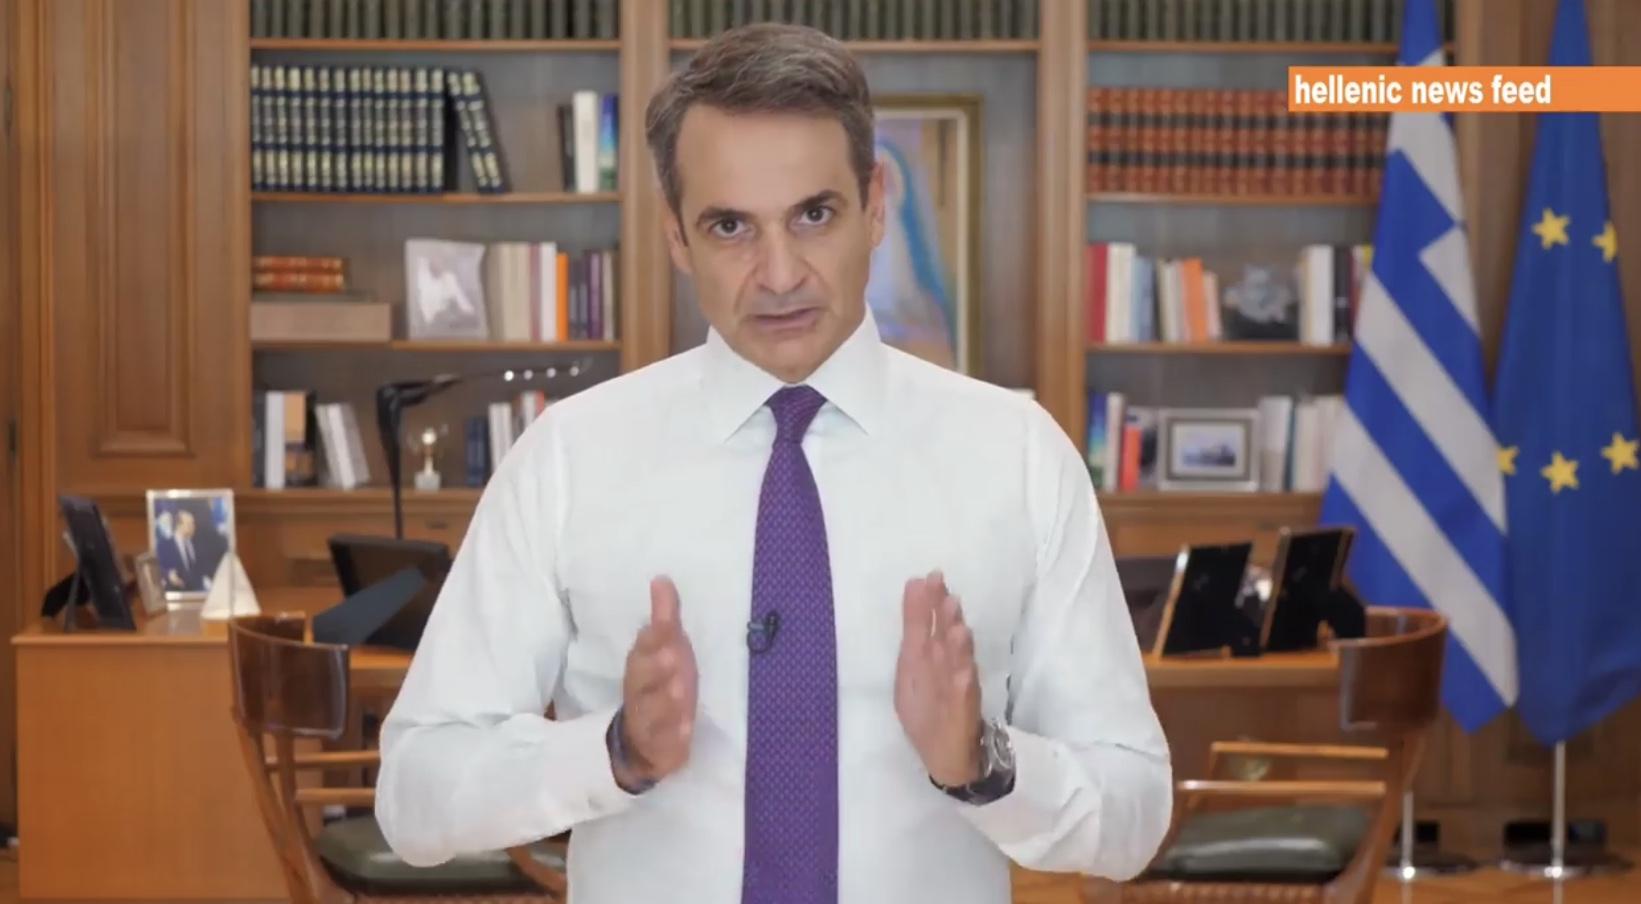 Παράδειγμα προς μίμηση ο πρωθυπουργός – Εξηγεί πως παίρνει δύσκολες αποφάσεις γρήγορα (Βίντεο)